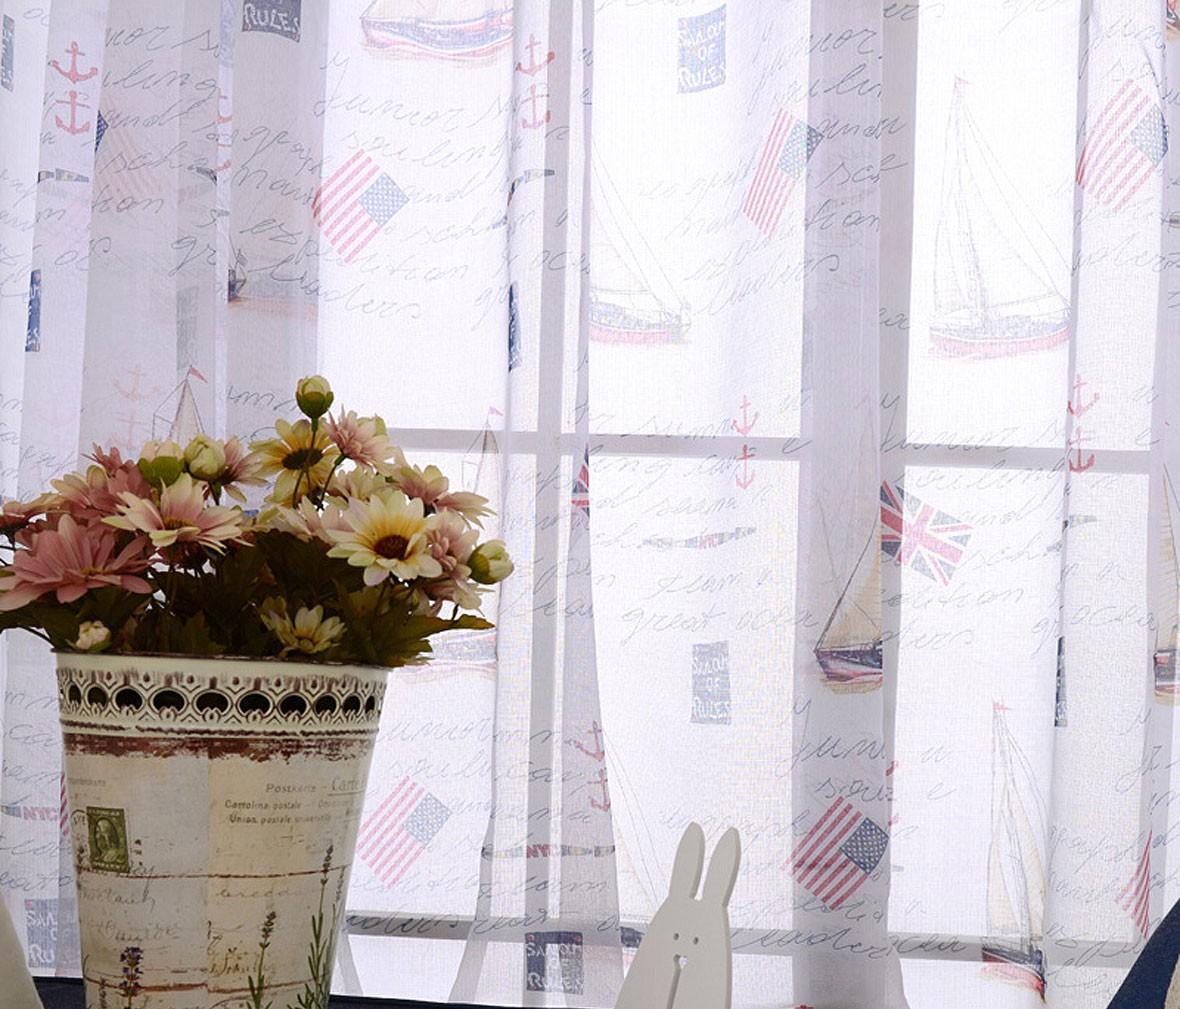 麦思哲 扬帆起航定制窗帘 布艺材质卧室窗帘图片、价格、品牌、评测样样齐全!【蓝景商城正品行货,蓝景丽家大钟寺家居广场提货,北京地区配送,领券更优惠,线上线下同品同价,立即购买享受更多优惠哦!】